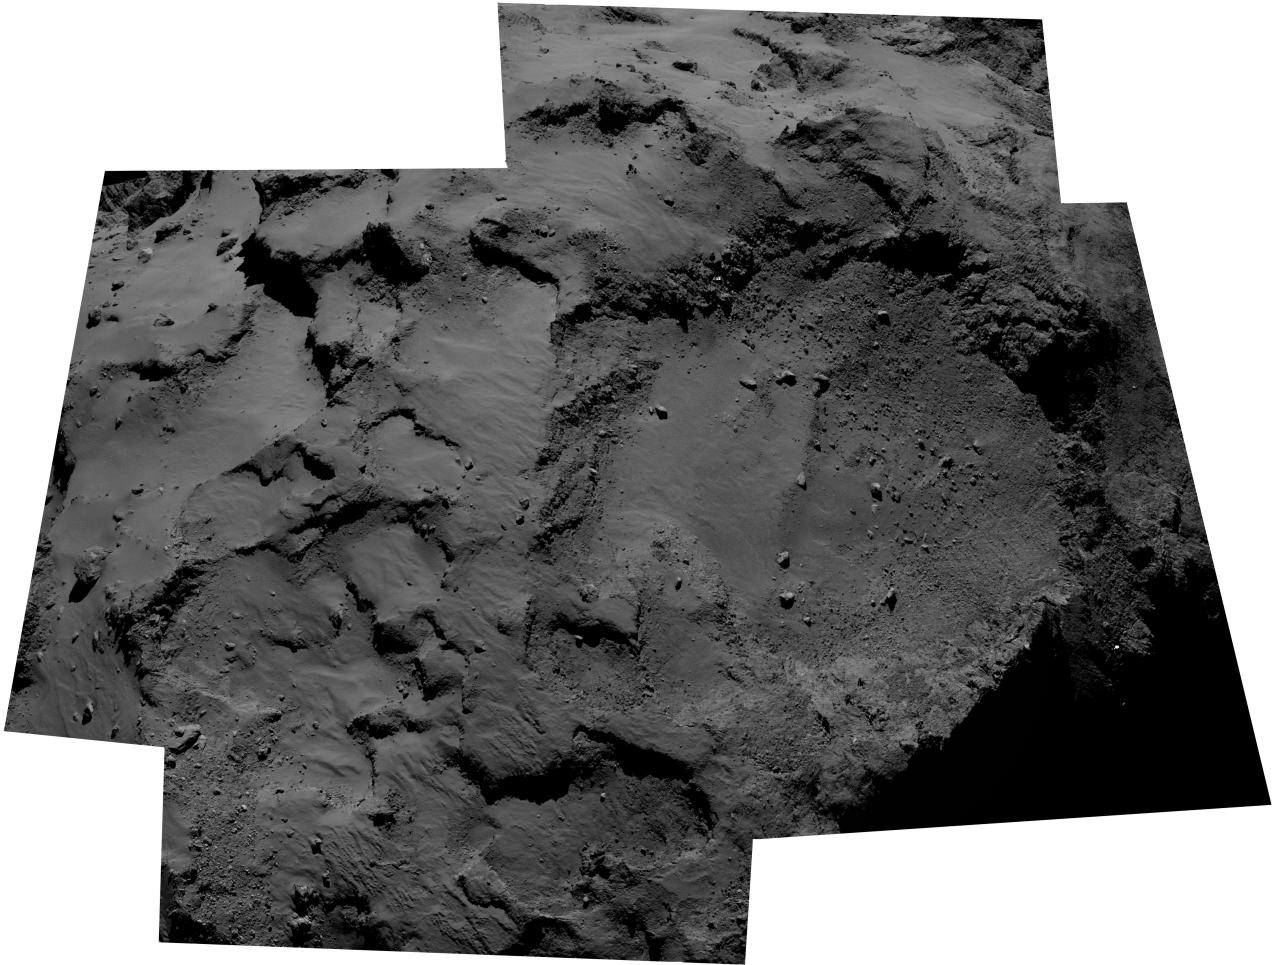 1567215560995-Rosetta_OSIRIS_Agilkia_LaForgia_Fig2_unannotated_1280.jpg